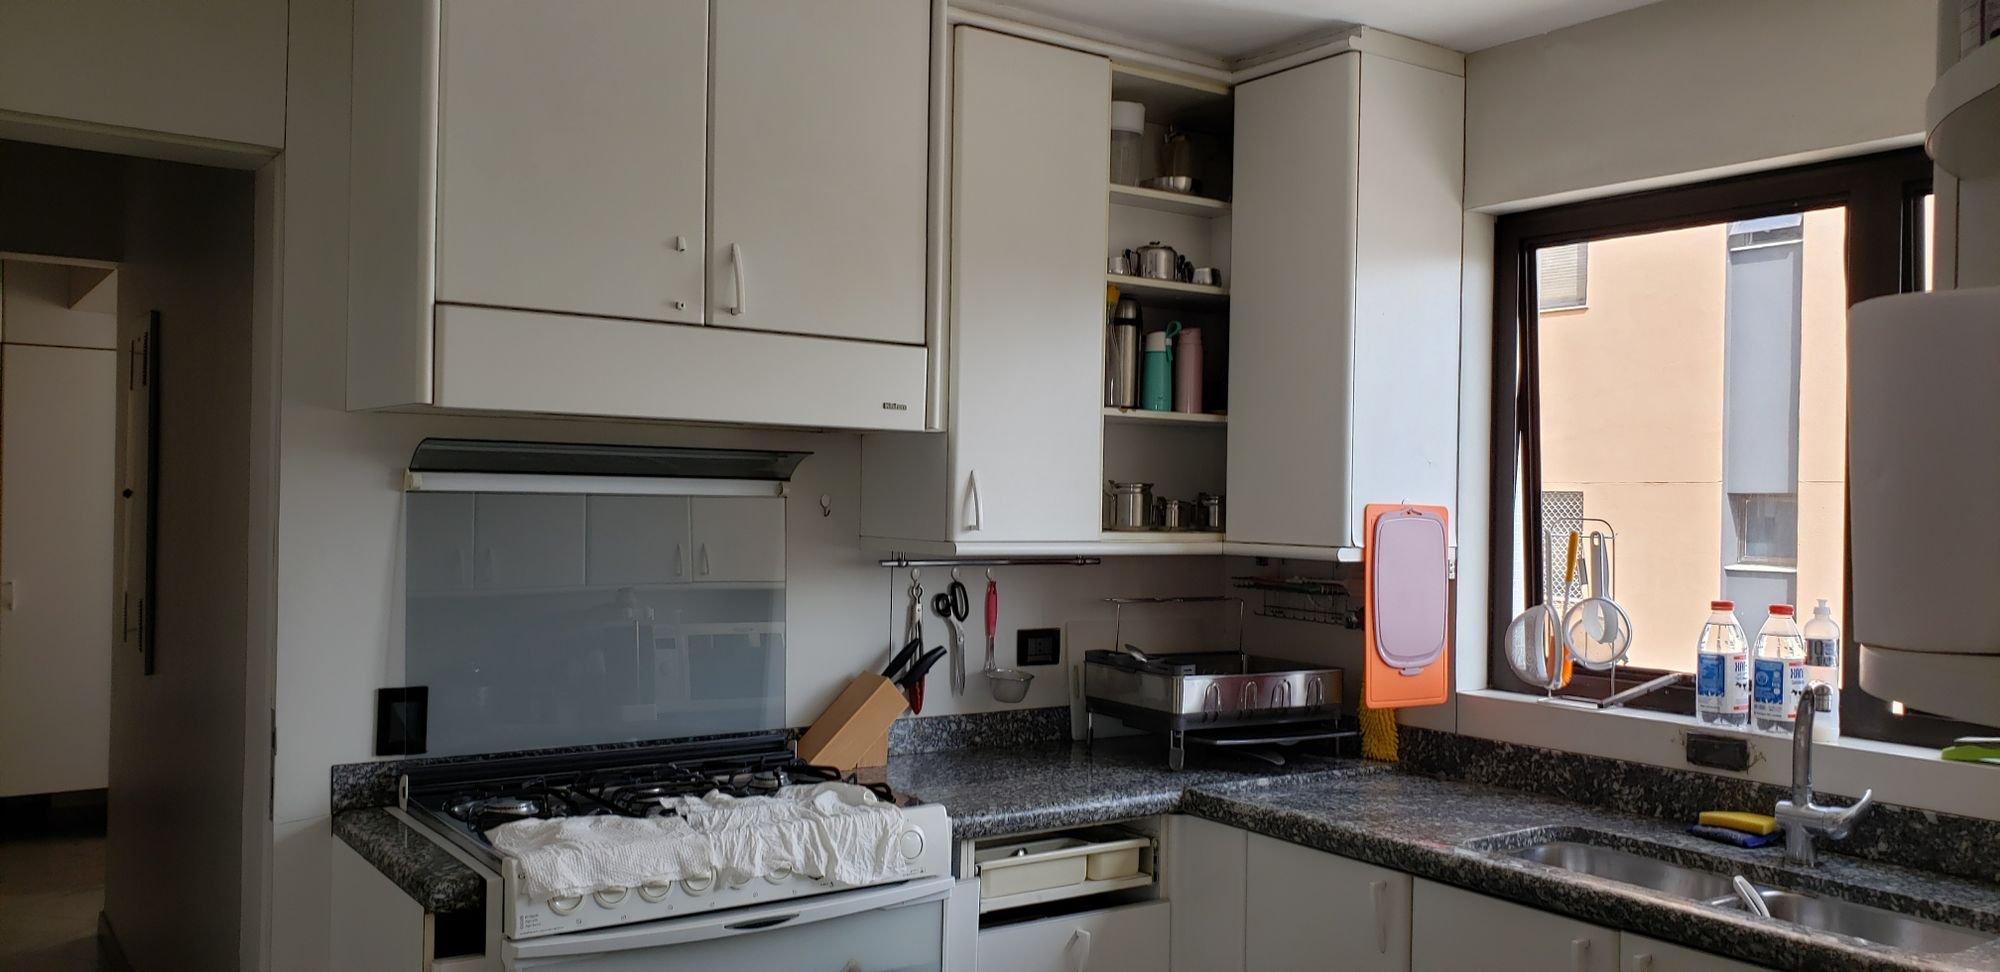 Foto de Cozinha com forno, televisão, garrafa